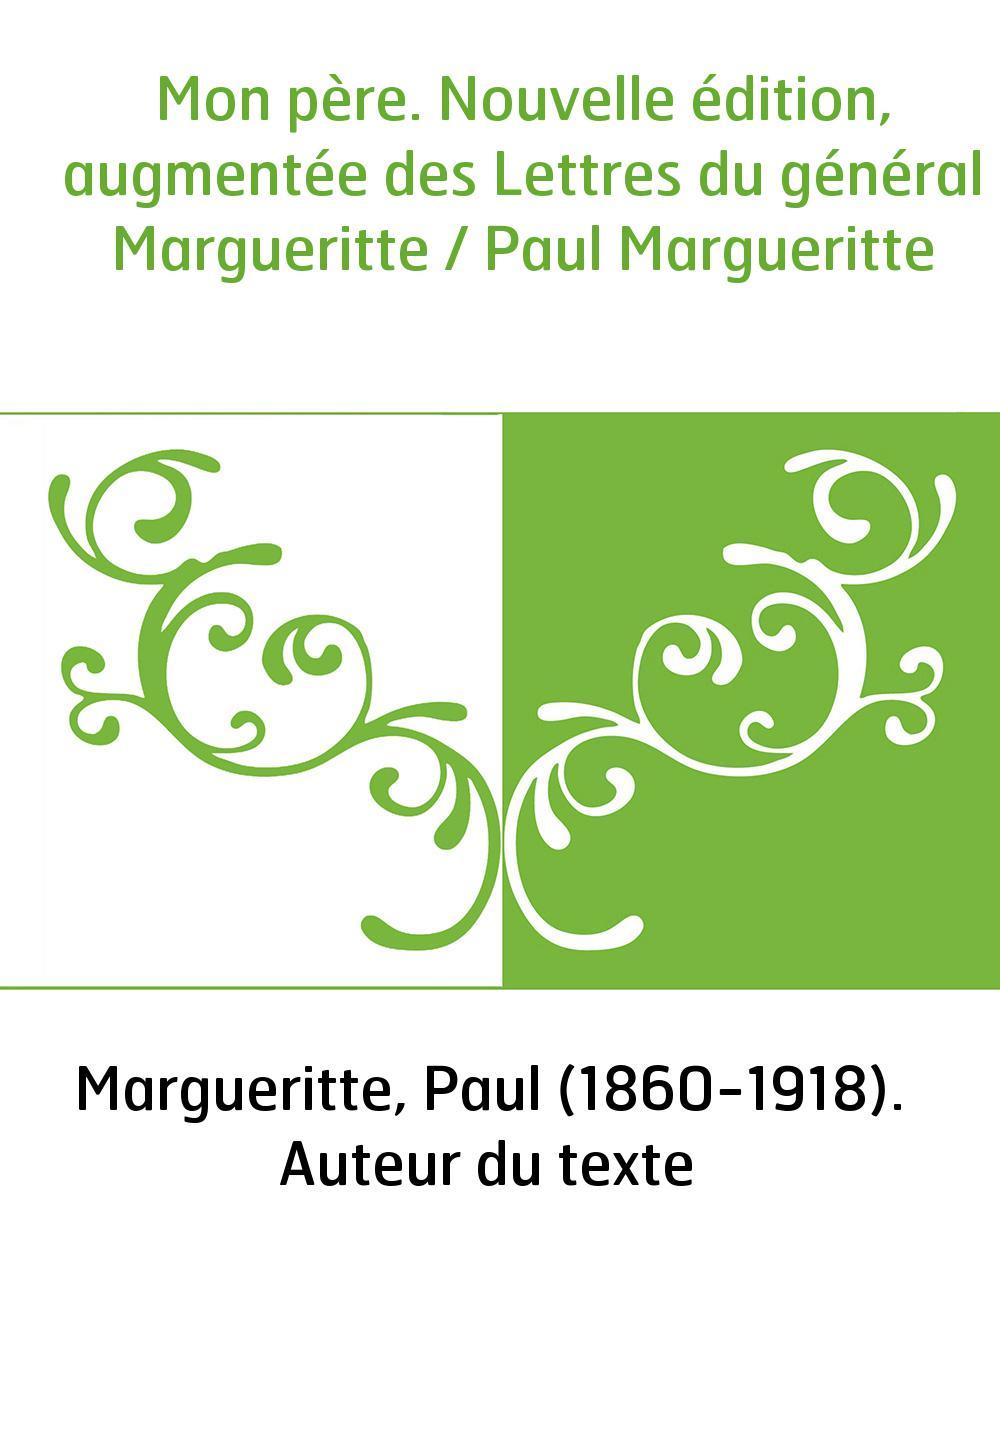 Mon père. Nouvelle édition, augmentée des Lettres du général Margueritte / Paul Margueritte